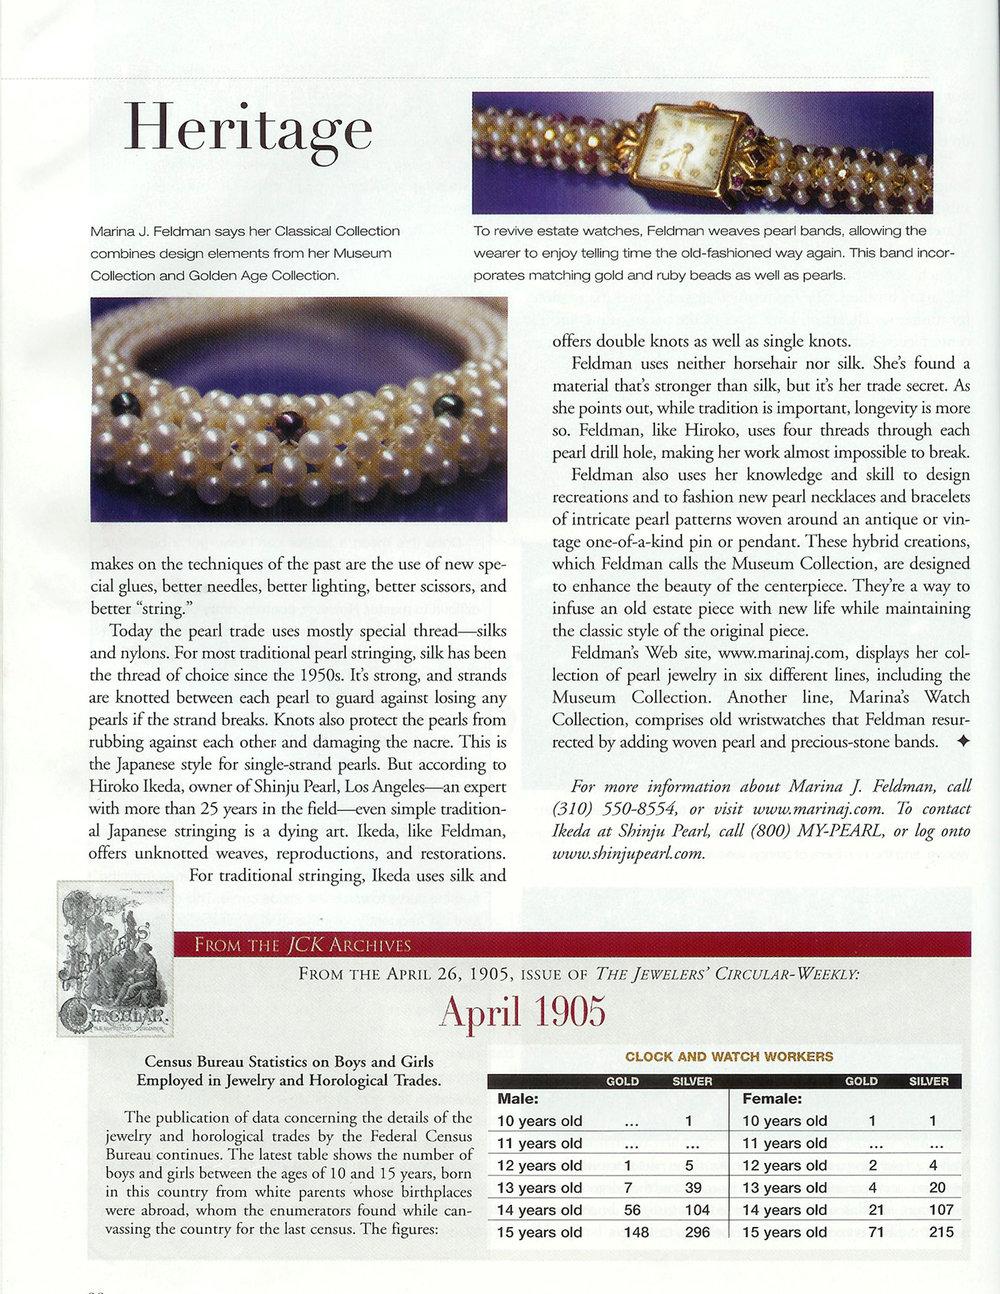 JCK Tear Sheet Page 3 March 04.jpg